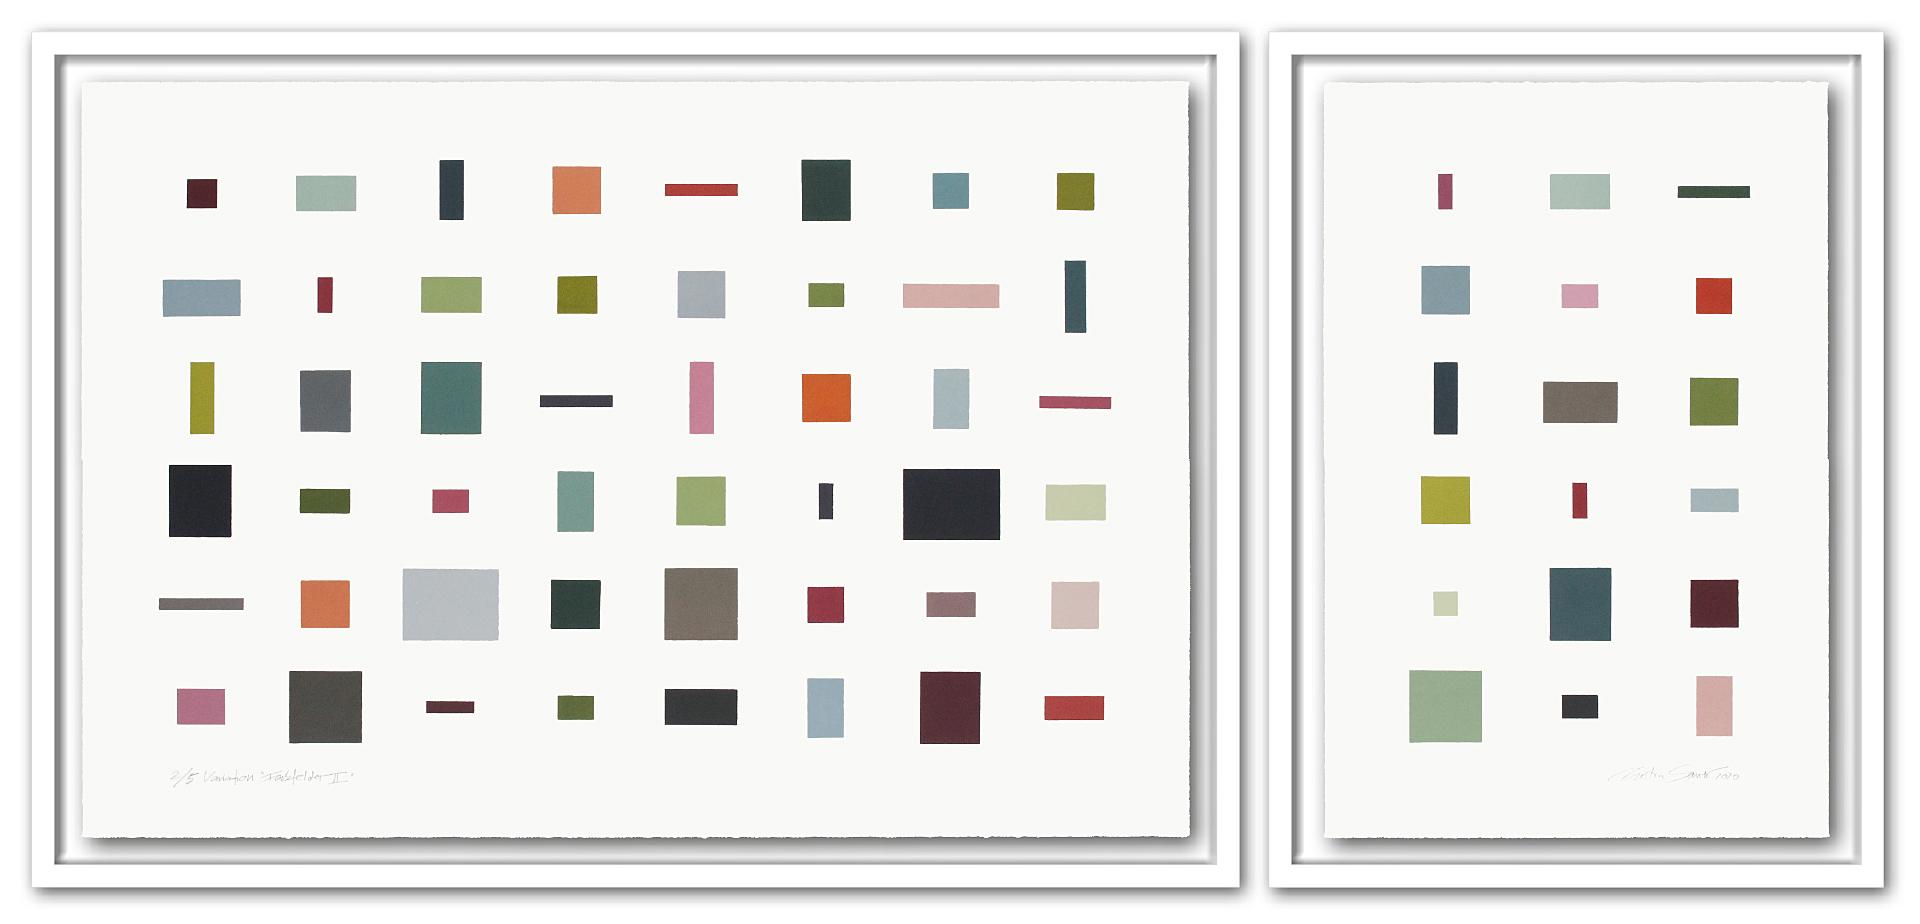 2/5 VARIATION FARBFELDER || | Auflage 5 [Variation] | 2-teilig | Monotypie | 73 x 157 cm [gerahmt] | 2020